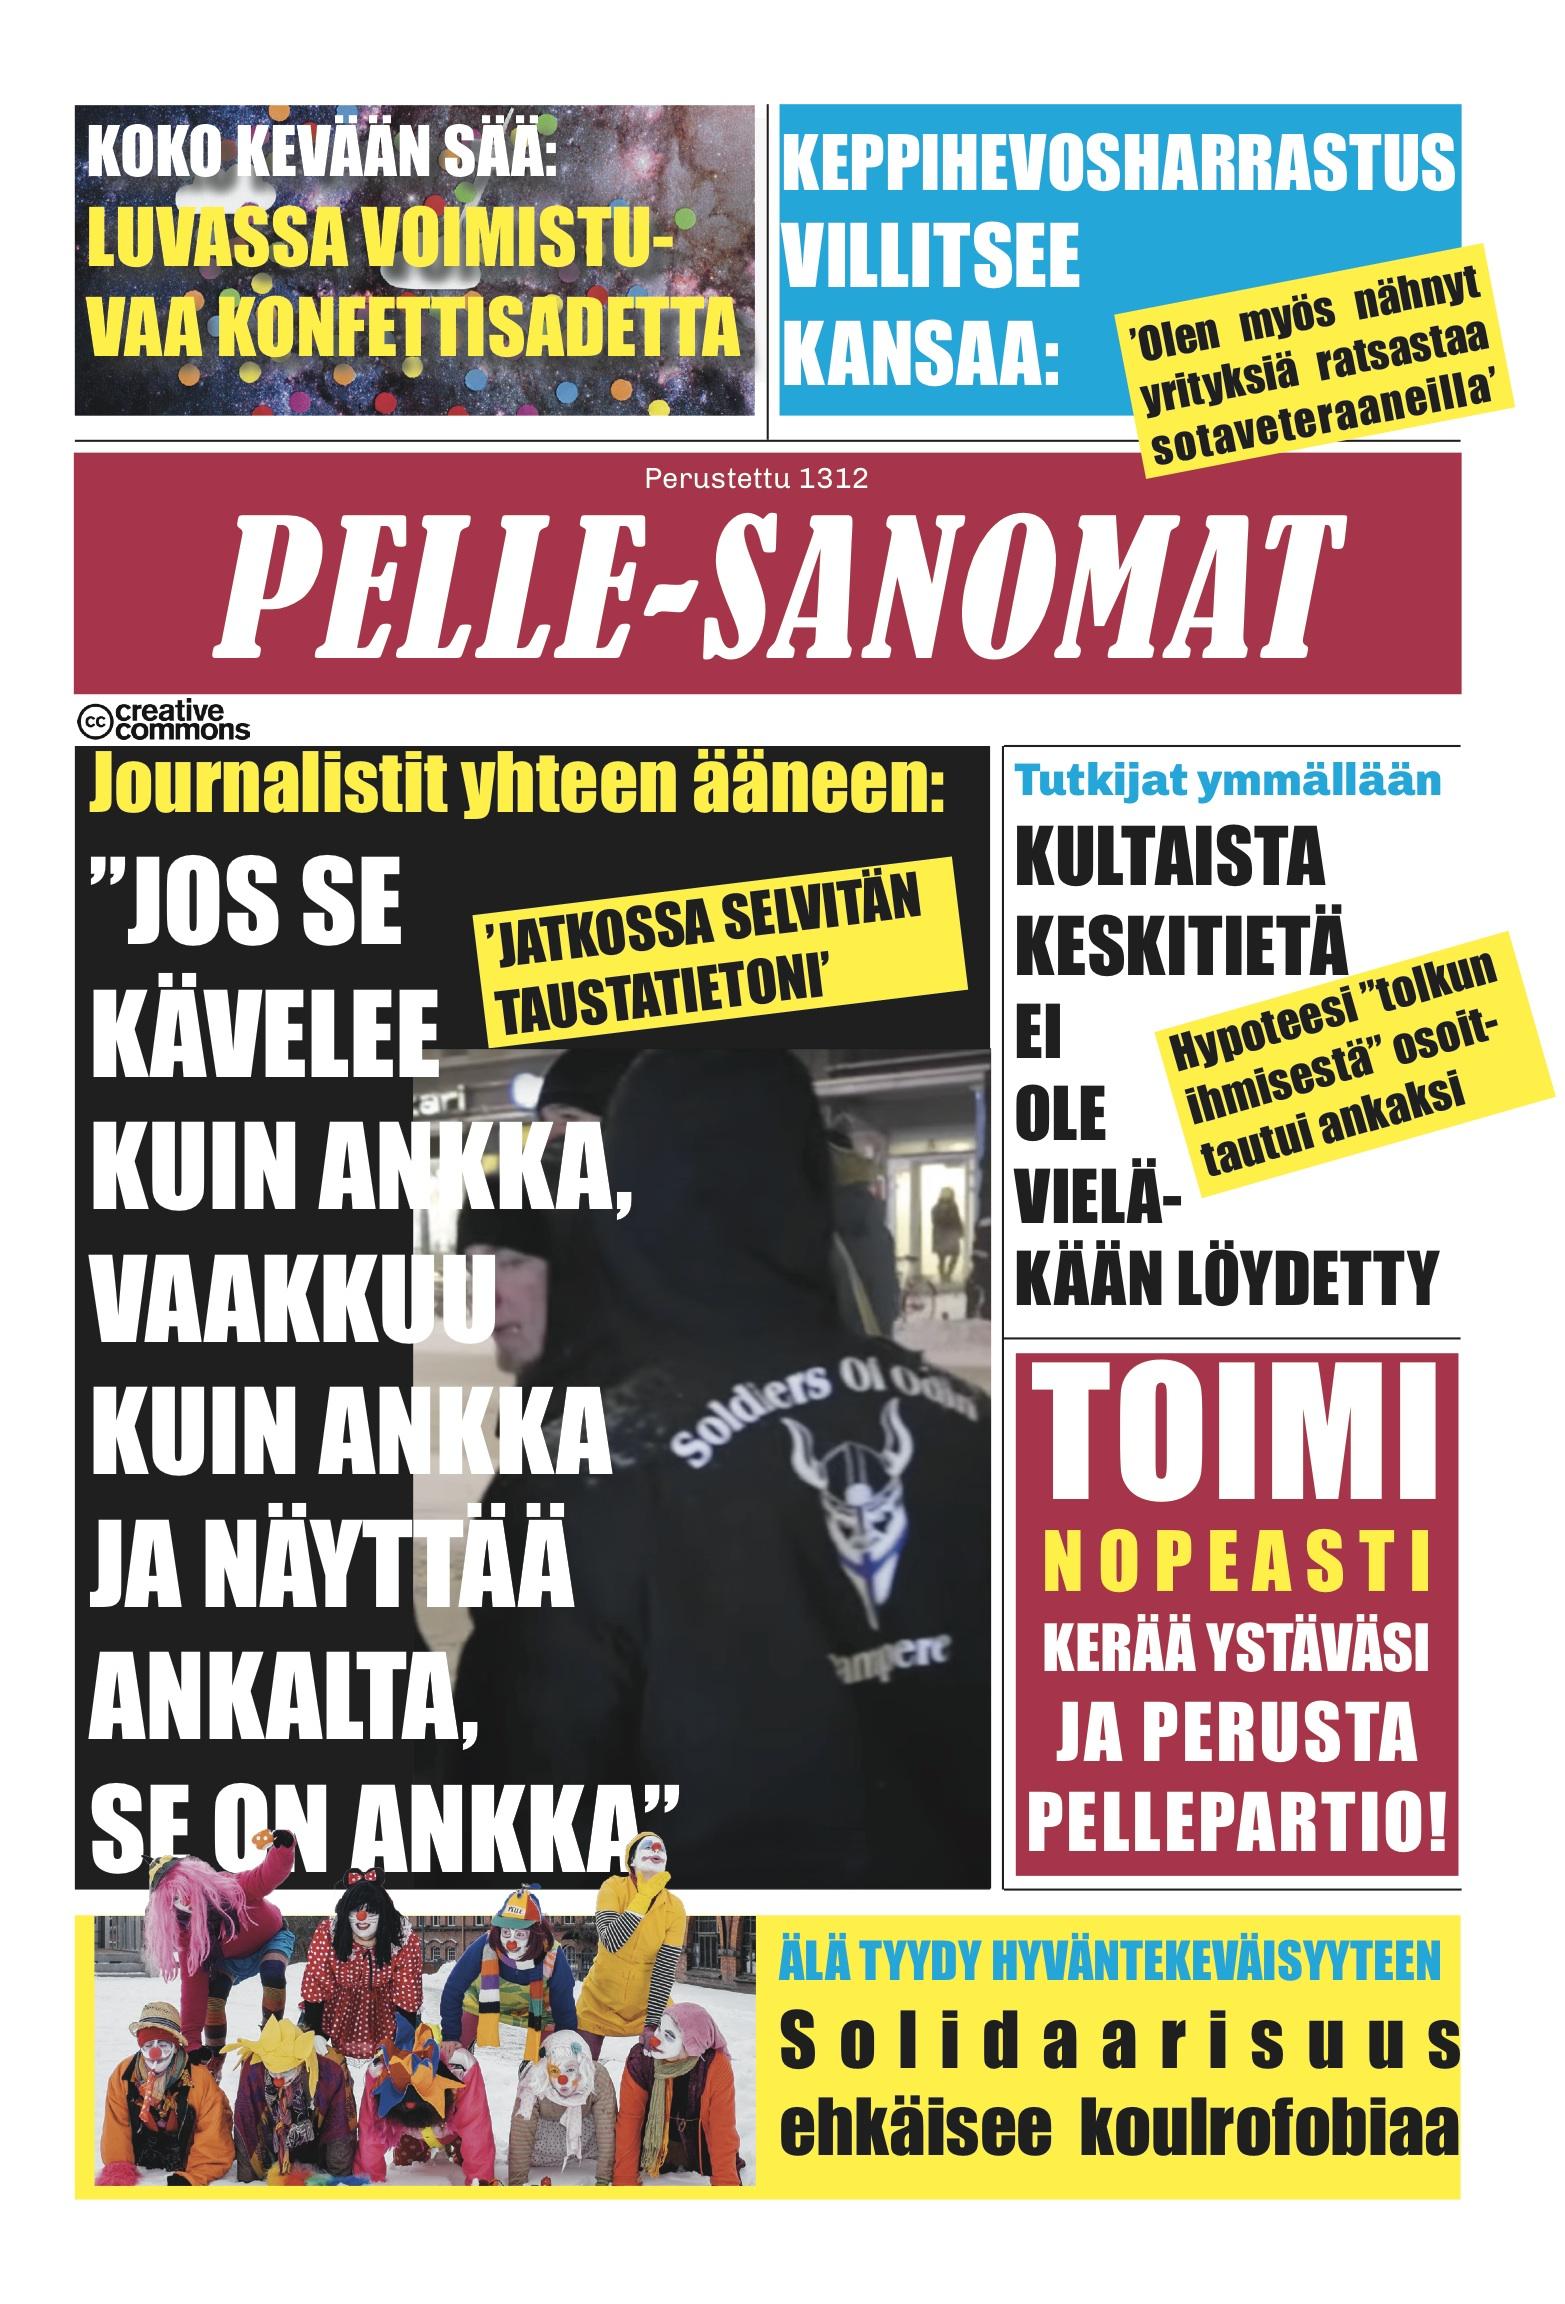 Huhtikuun Voiman välissä julkaistiin Loldiesr of Odinin tekemä Pelle-Sanomat-lehti. Paperiversiot lehtitelineissä kautta maan.